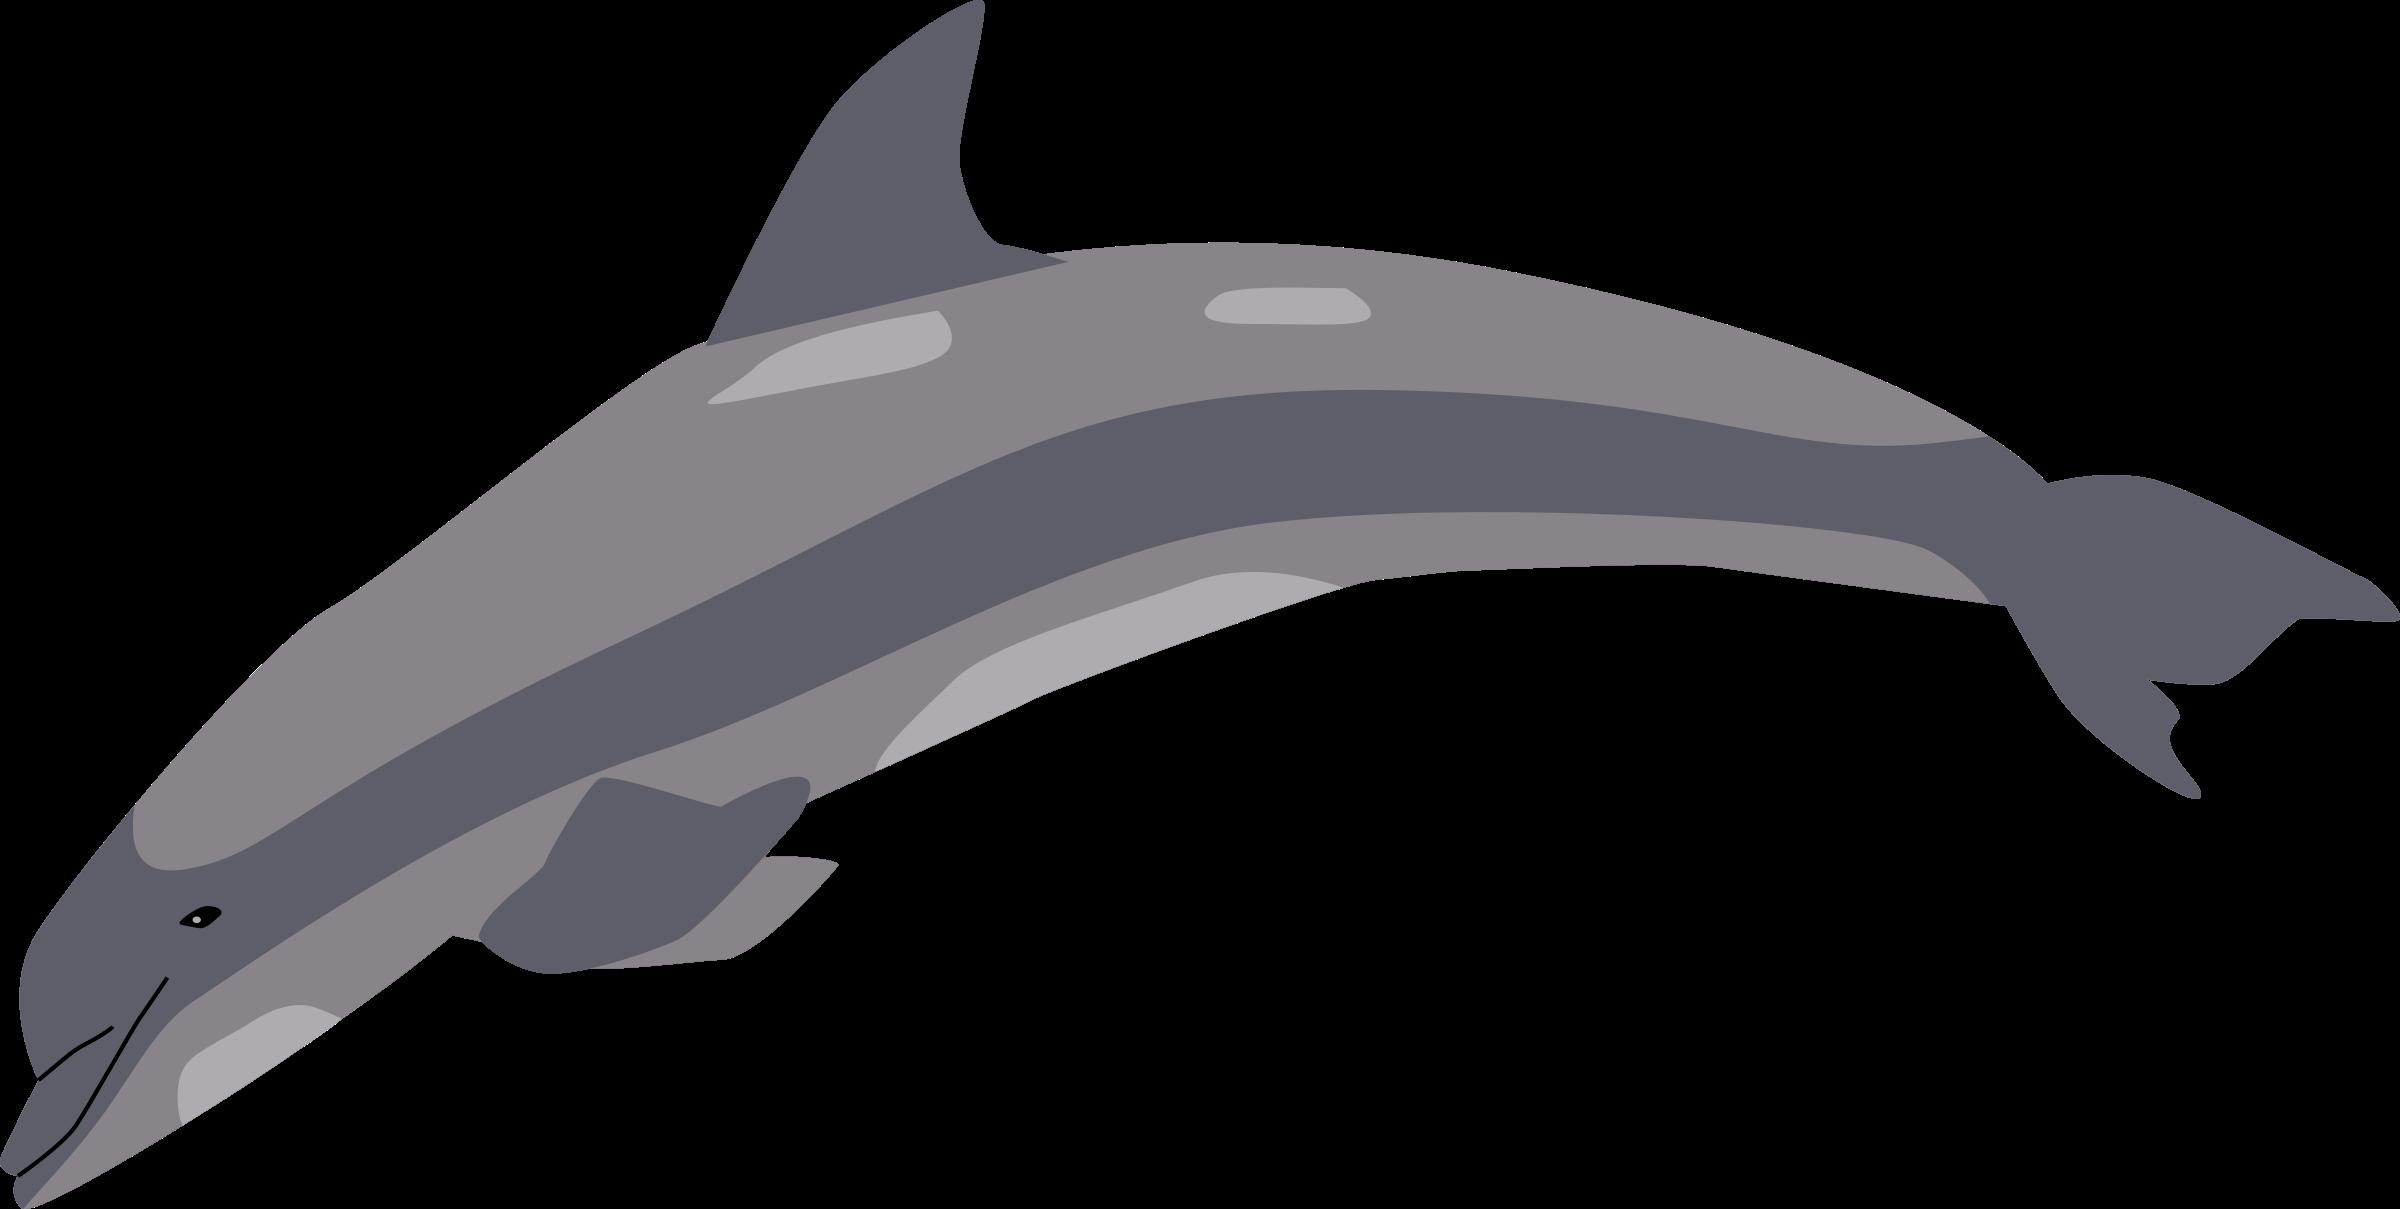 . Dolphin clipart gray dolphin